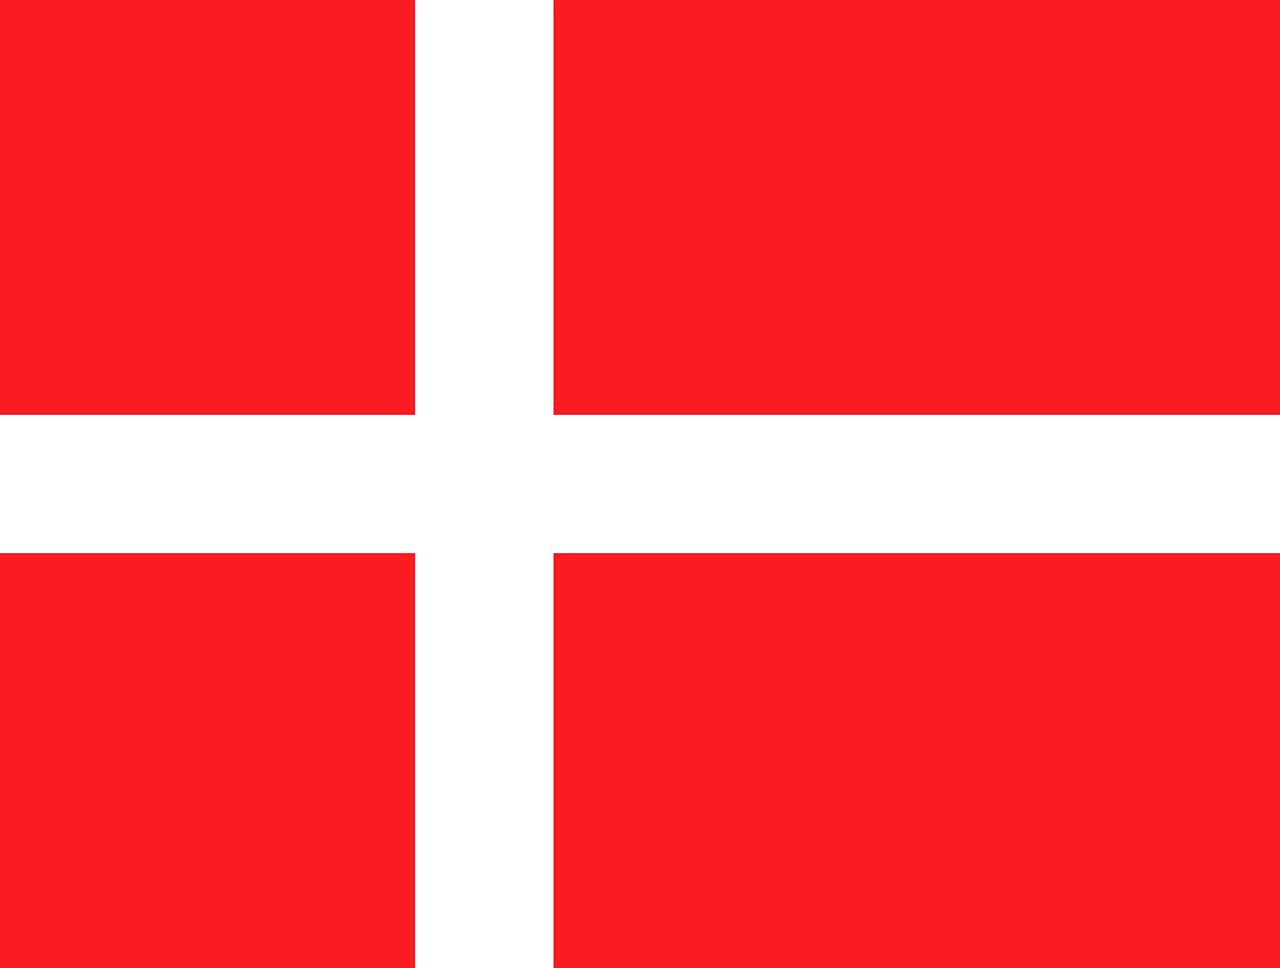 Duńska karta podatkowa – czym jest, co zawiera, dla kogo jest obowiązkiem? – cz.2